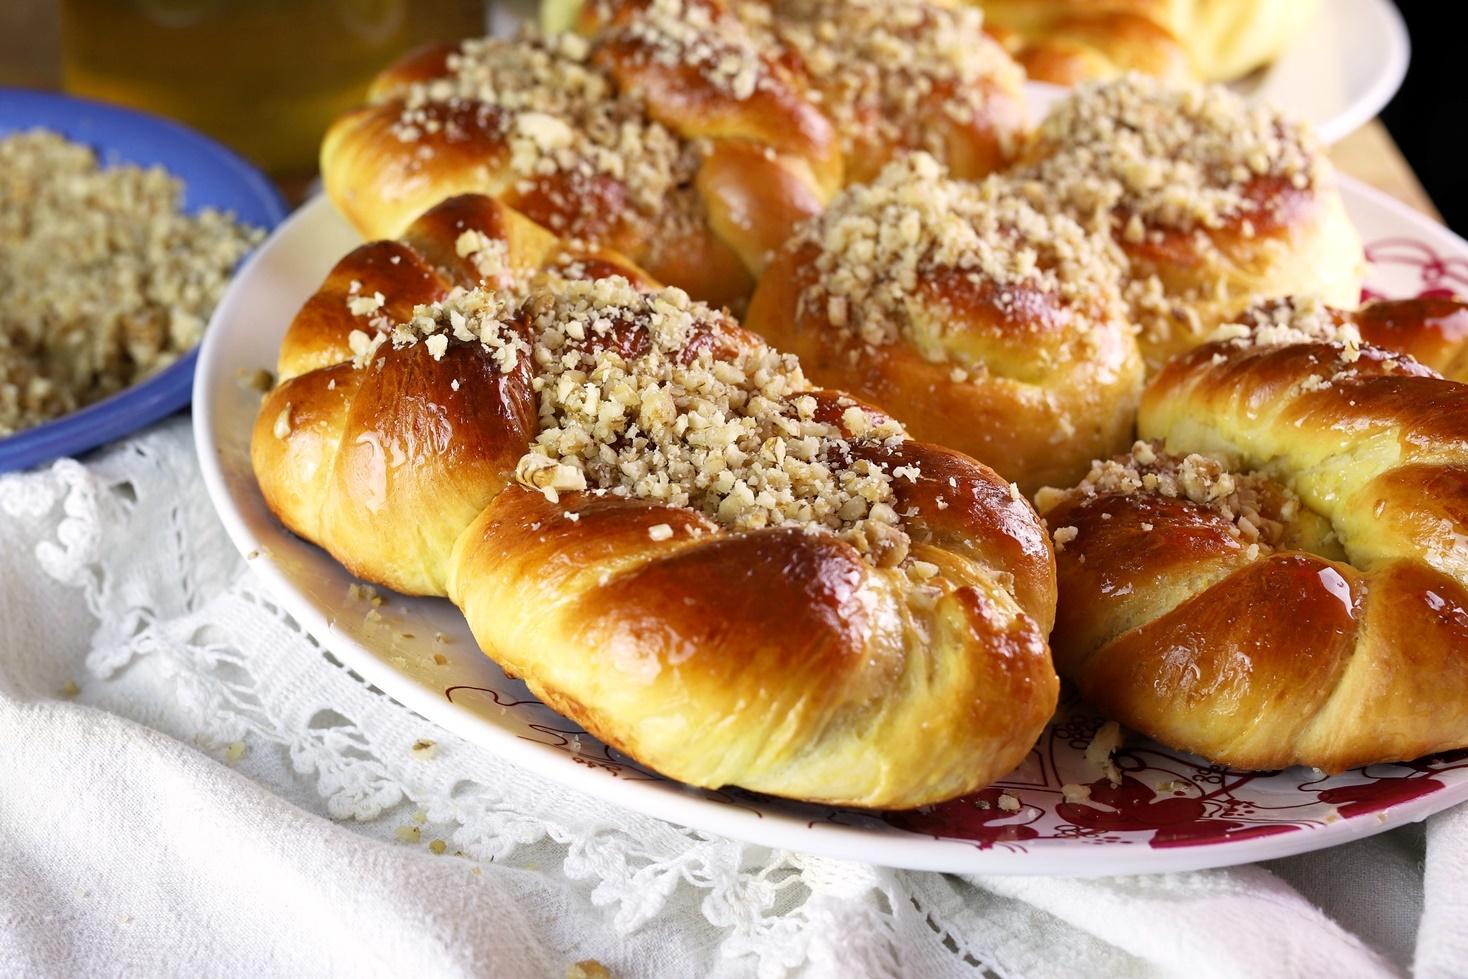 Mucenici moldovenești însiropați și glazurați cu miere și multă nică